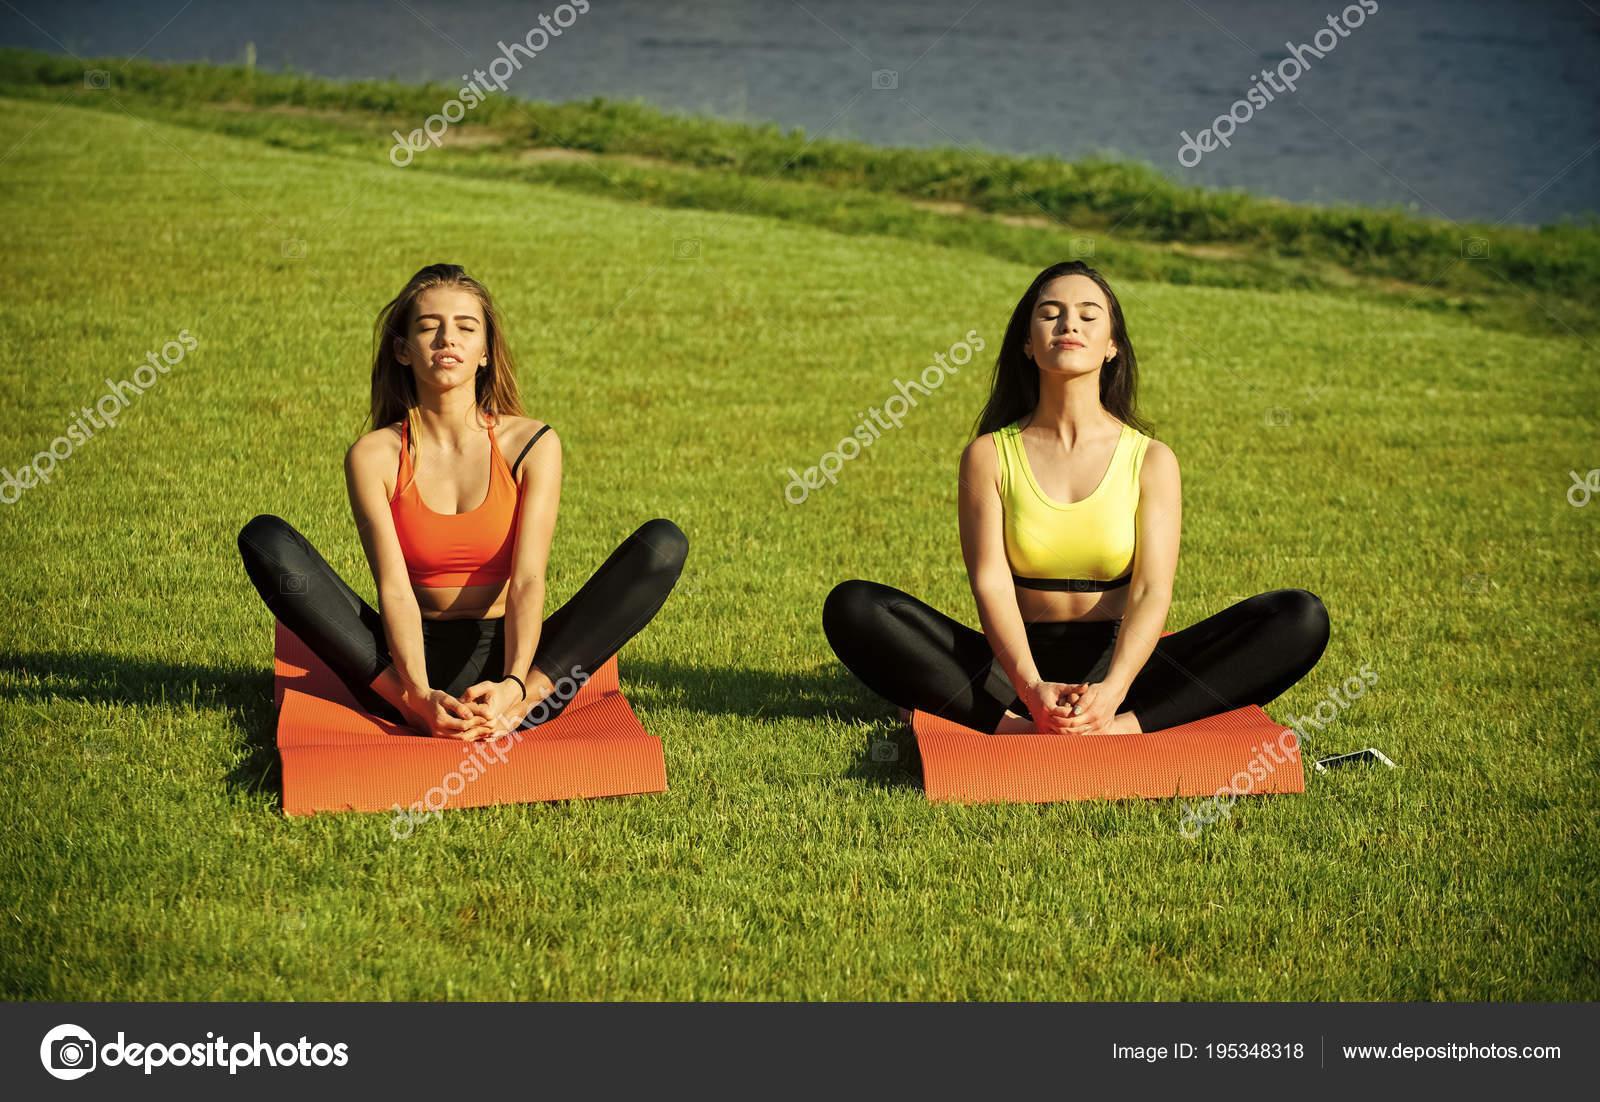 Lesbisches Workout